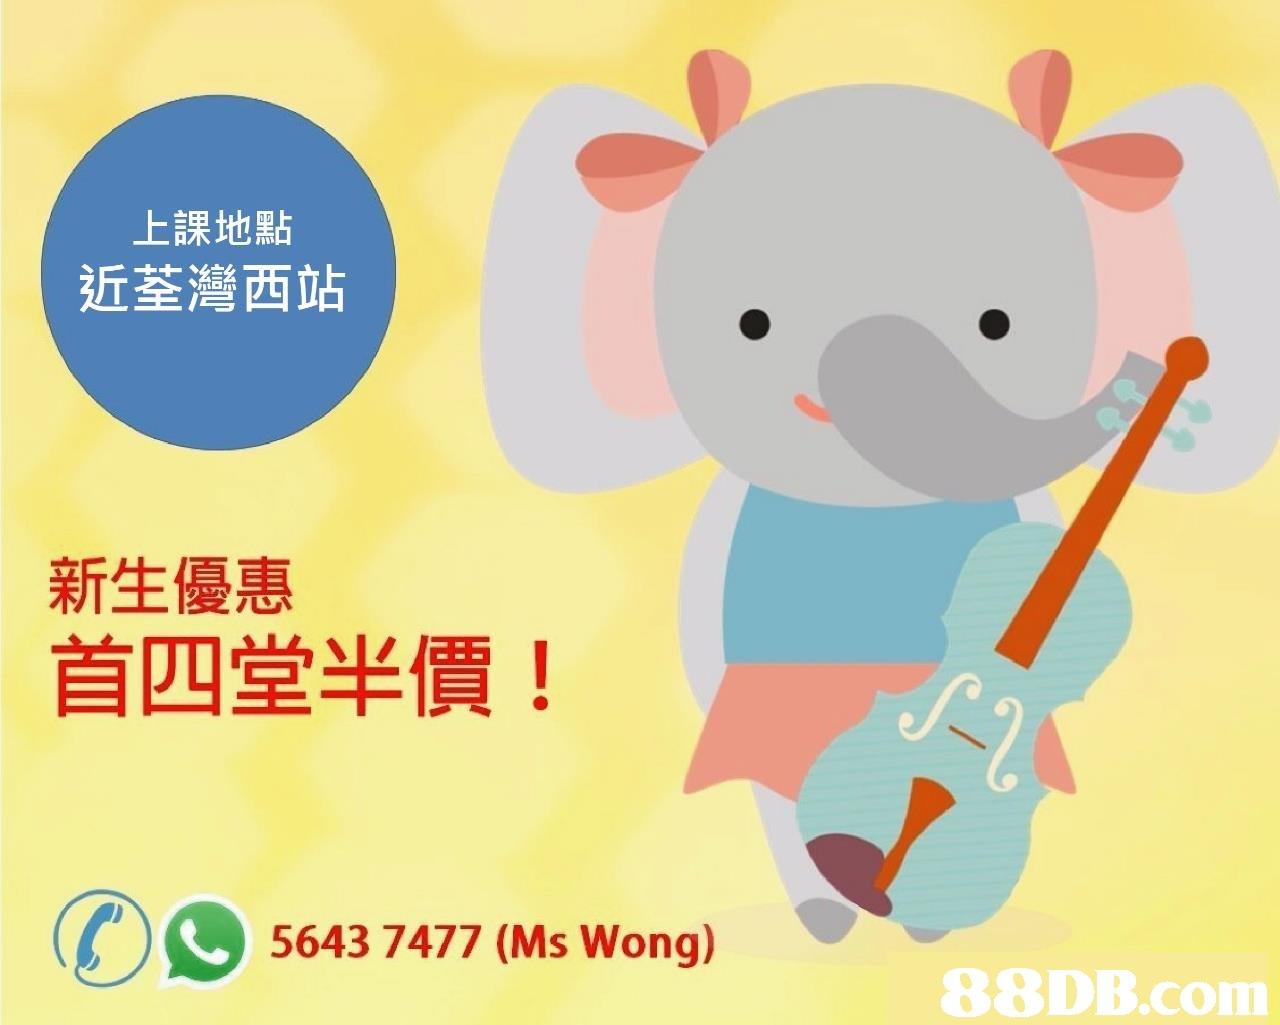 上課地點 近荃灣西站 新生優惠 首四堂半價! 5643 7477 (Ms Wong)   Cartoon,Text,Font,Line,Clip art